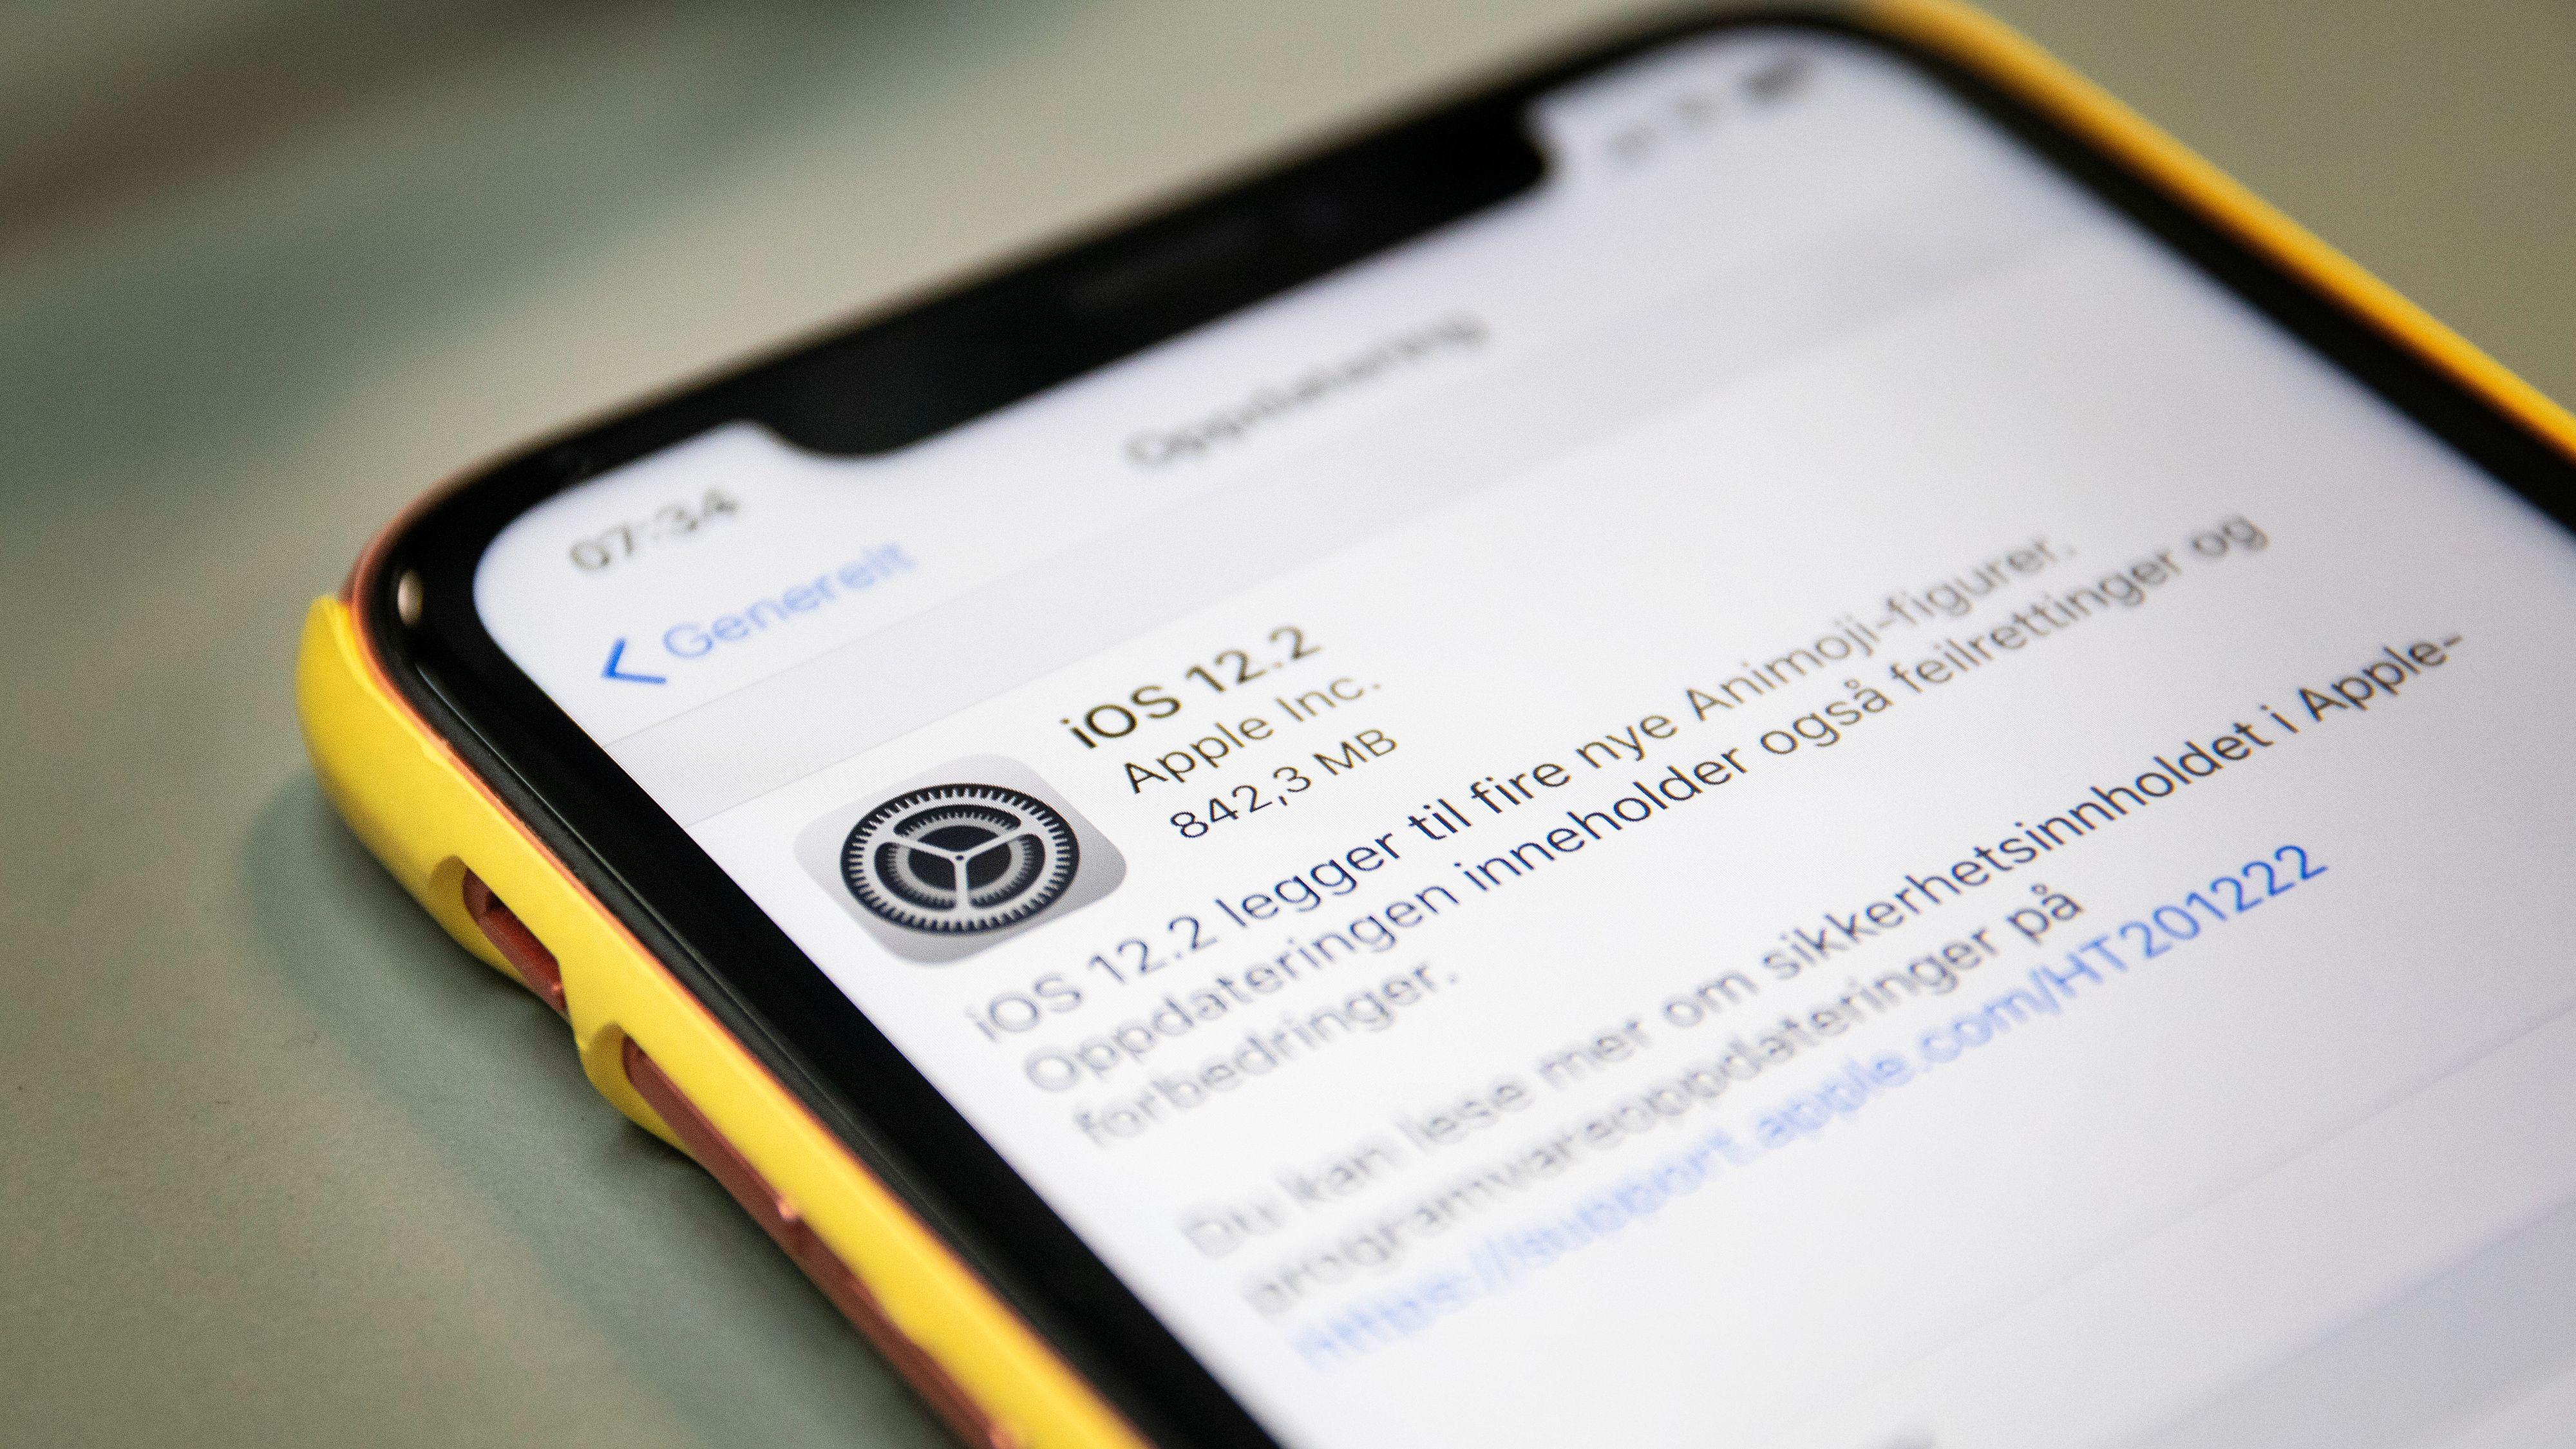 Nå kan du laste ned den nye iOS-oppdateringen